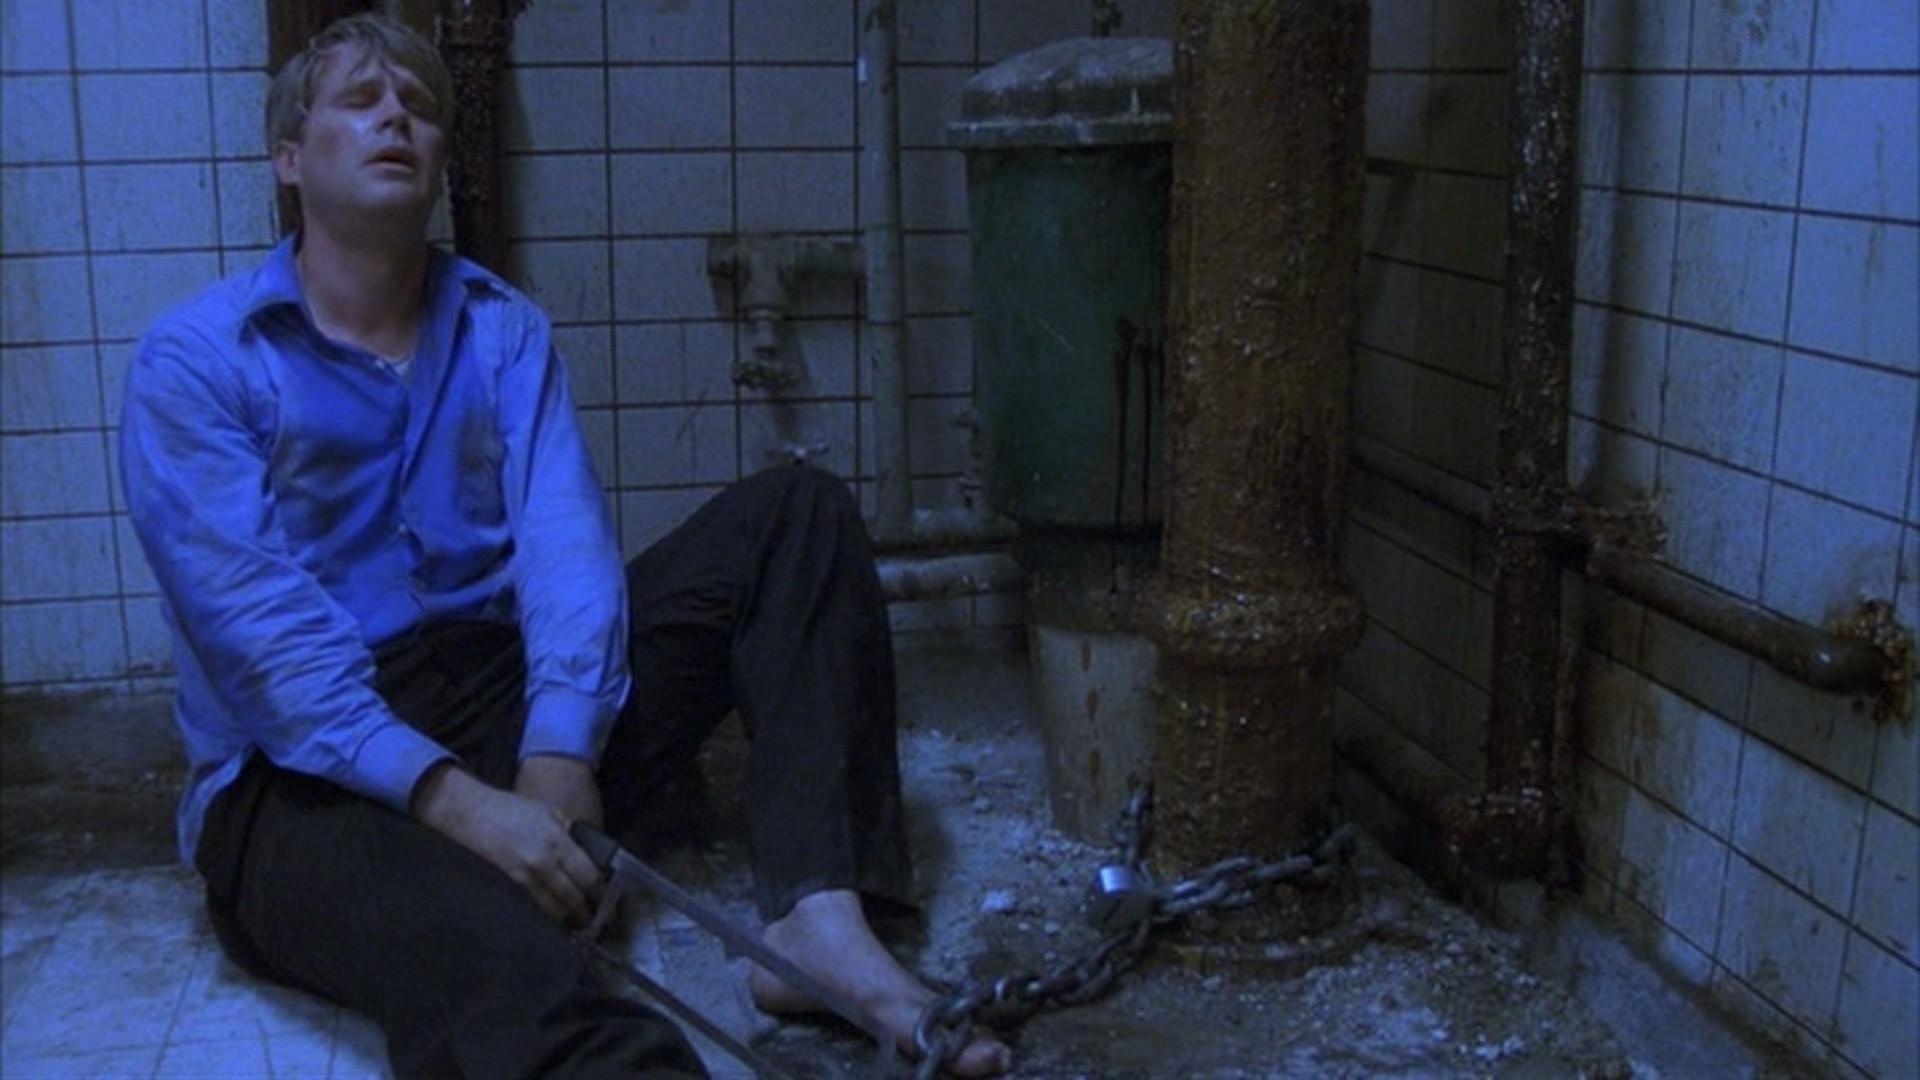 43. Jogos Mortais (2004)